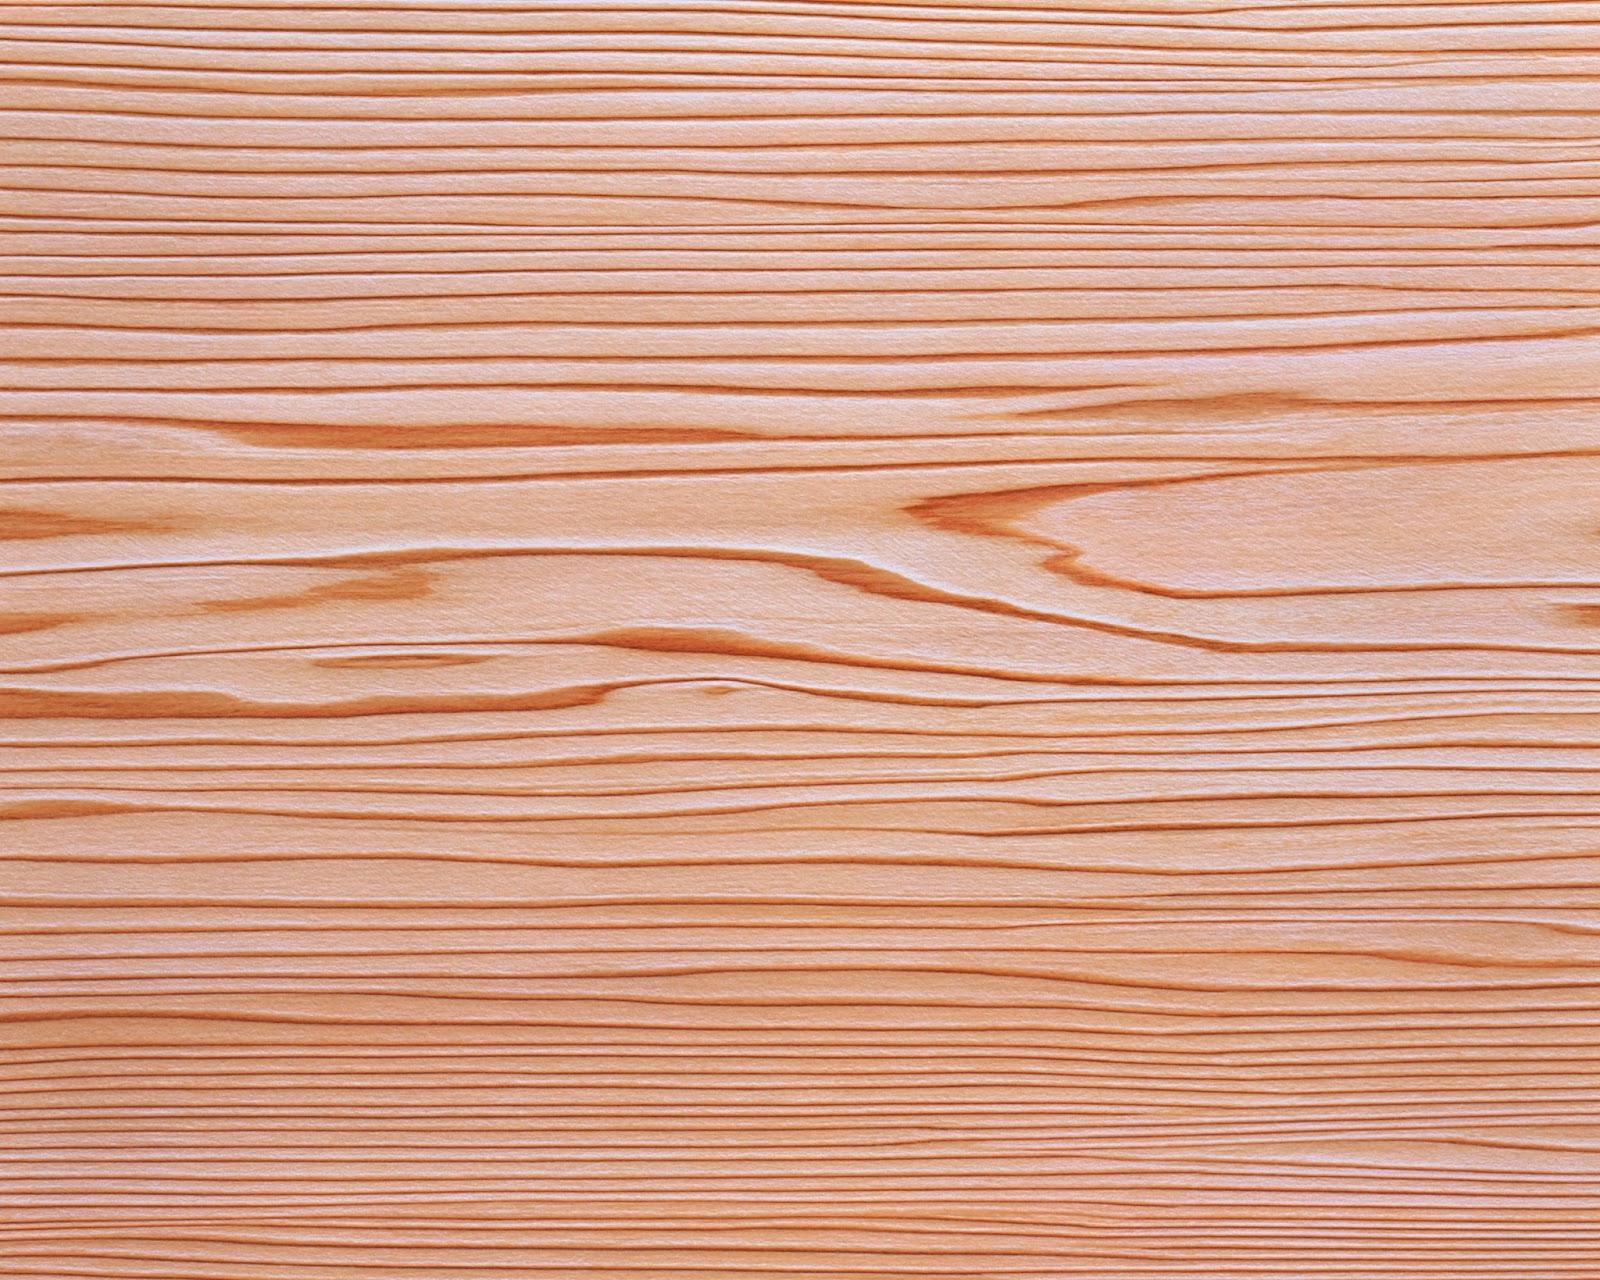 vật liệu gỗ